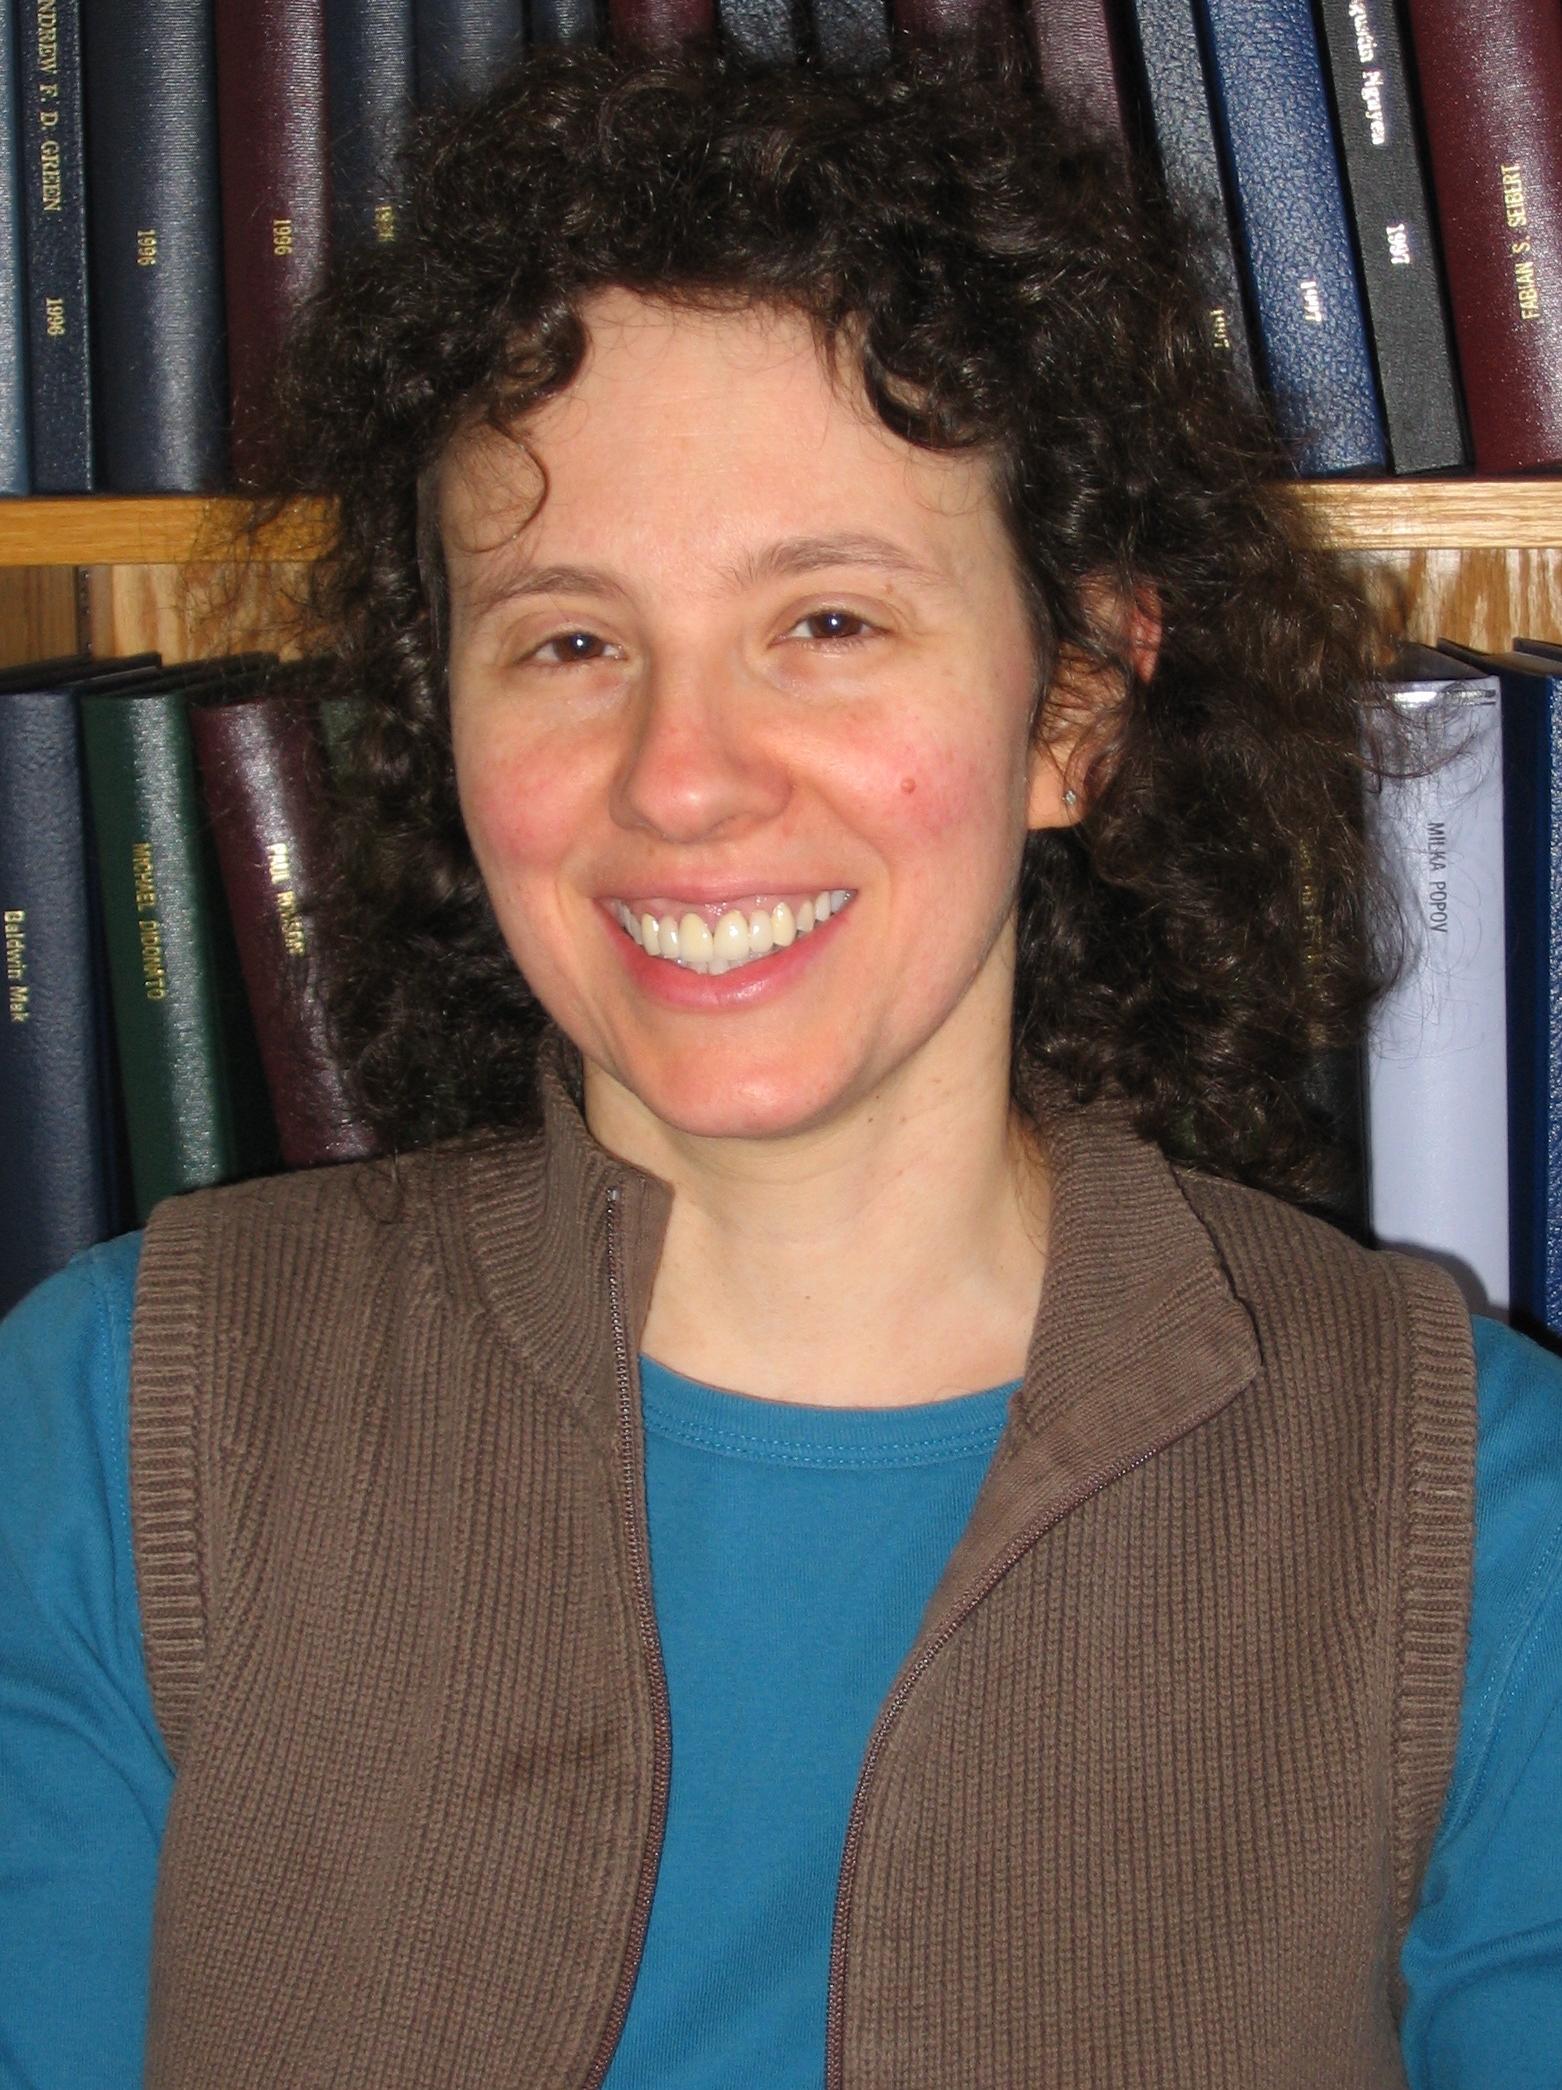 Julie D. Forman-Kay